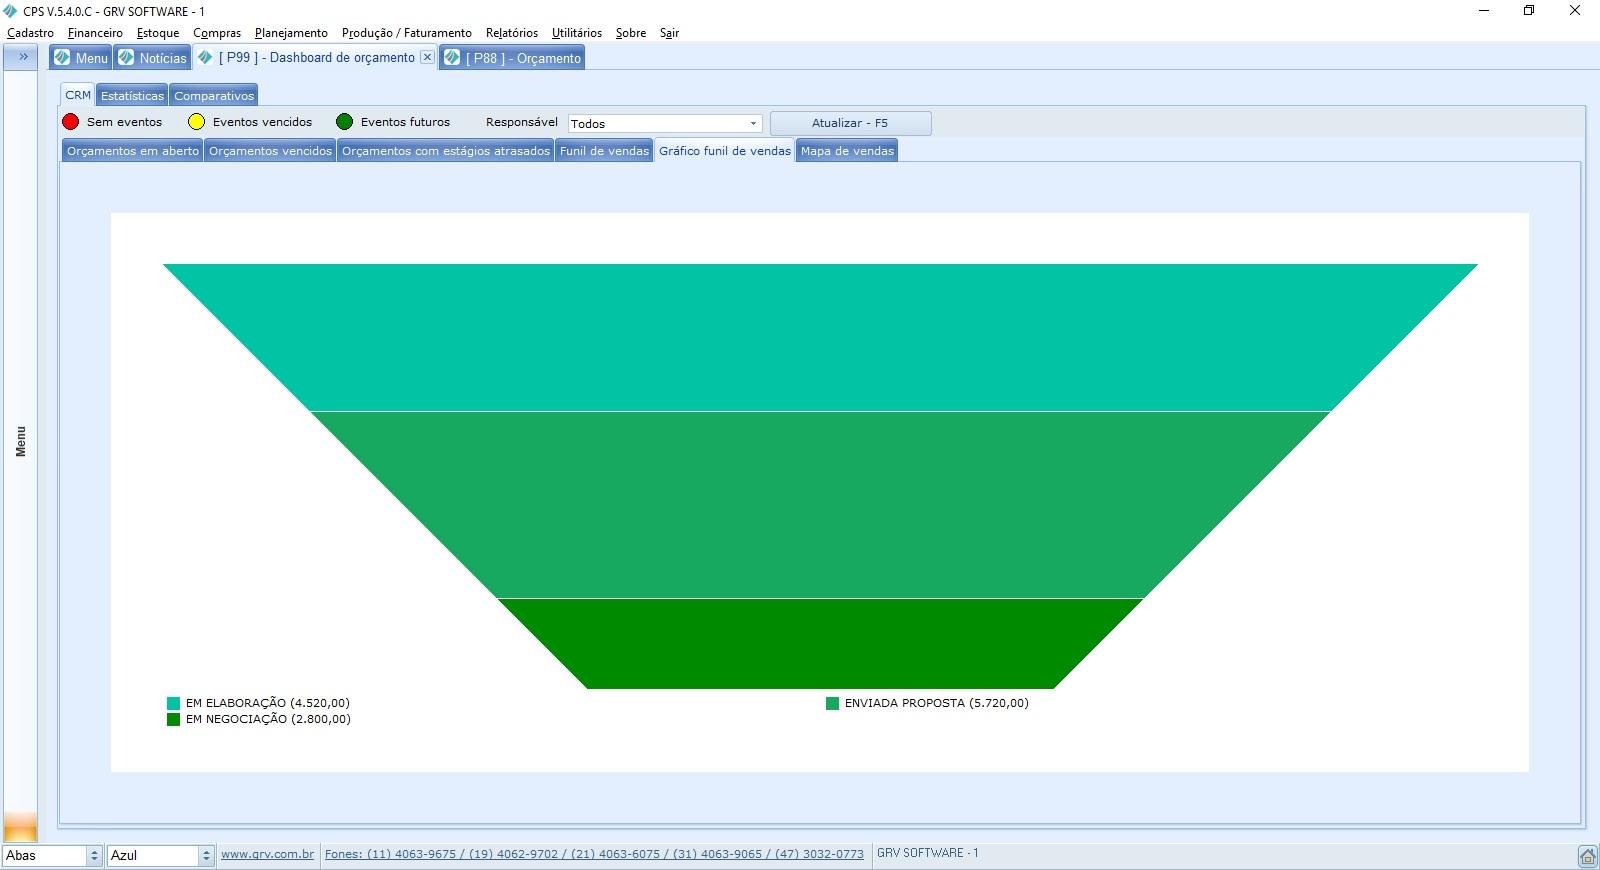 crm-grv-software-funil-de- vendas